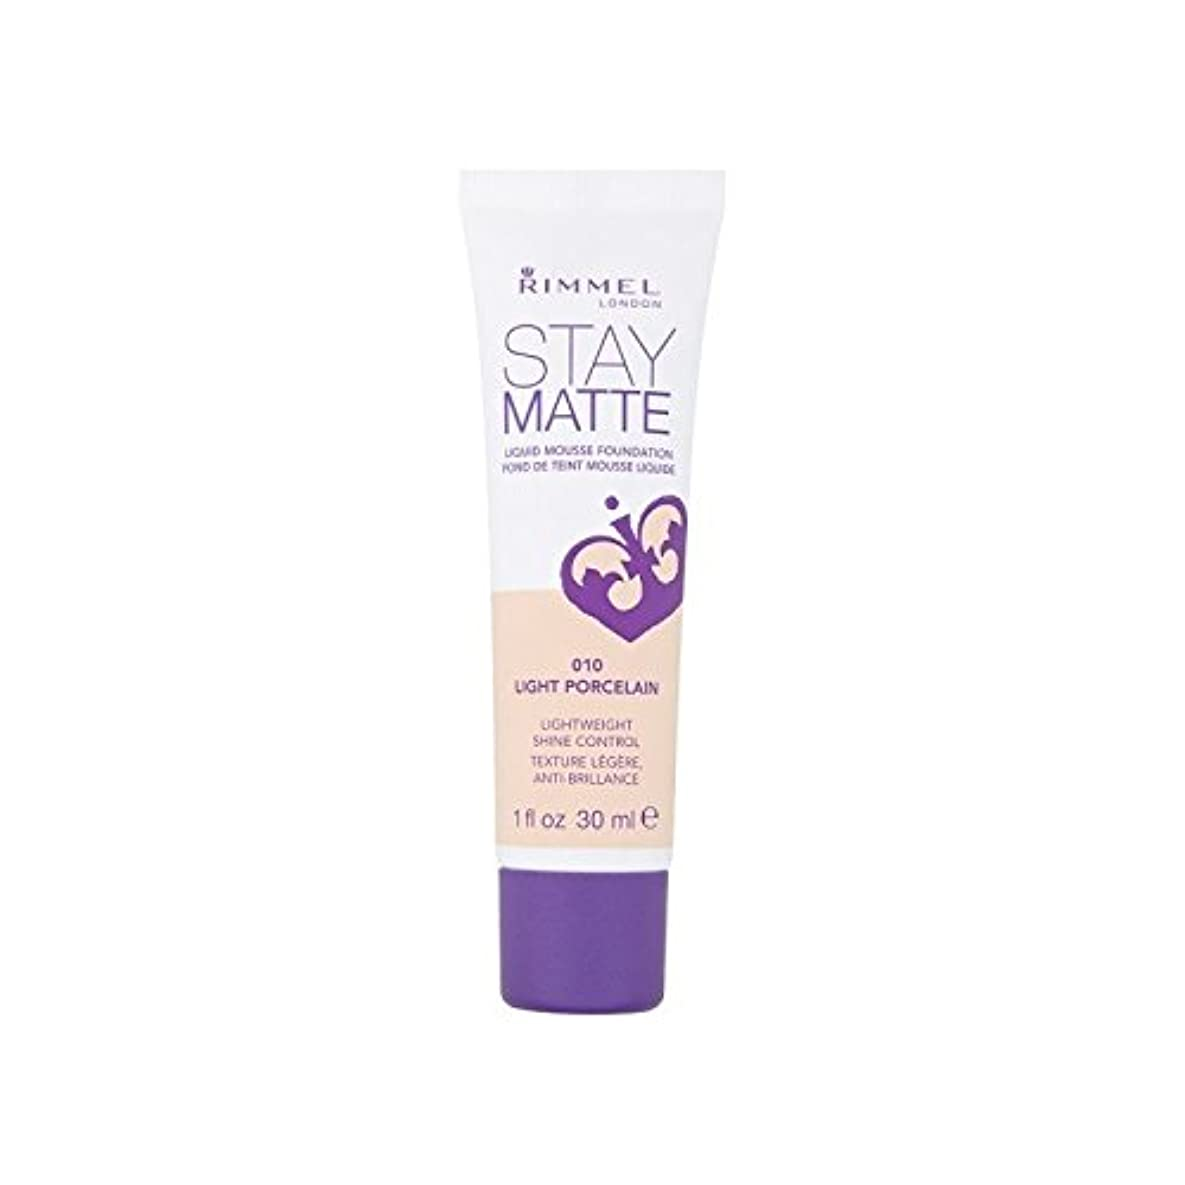 残基ソブリケット後悔Rimmel Stay Matte Foundation Porcelain (Pack of 6) - リンメルステイマット基礎磁器 x6 [並行輸入品]